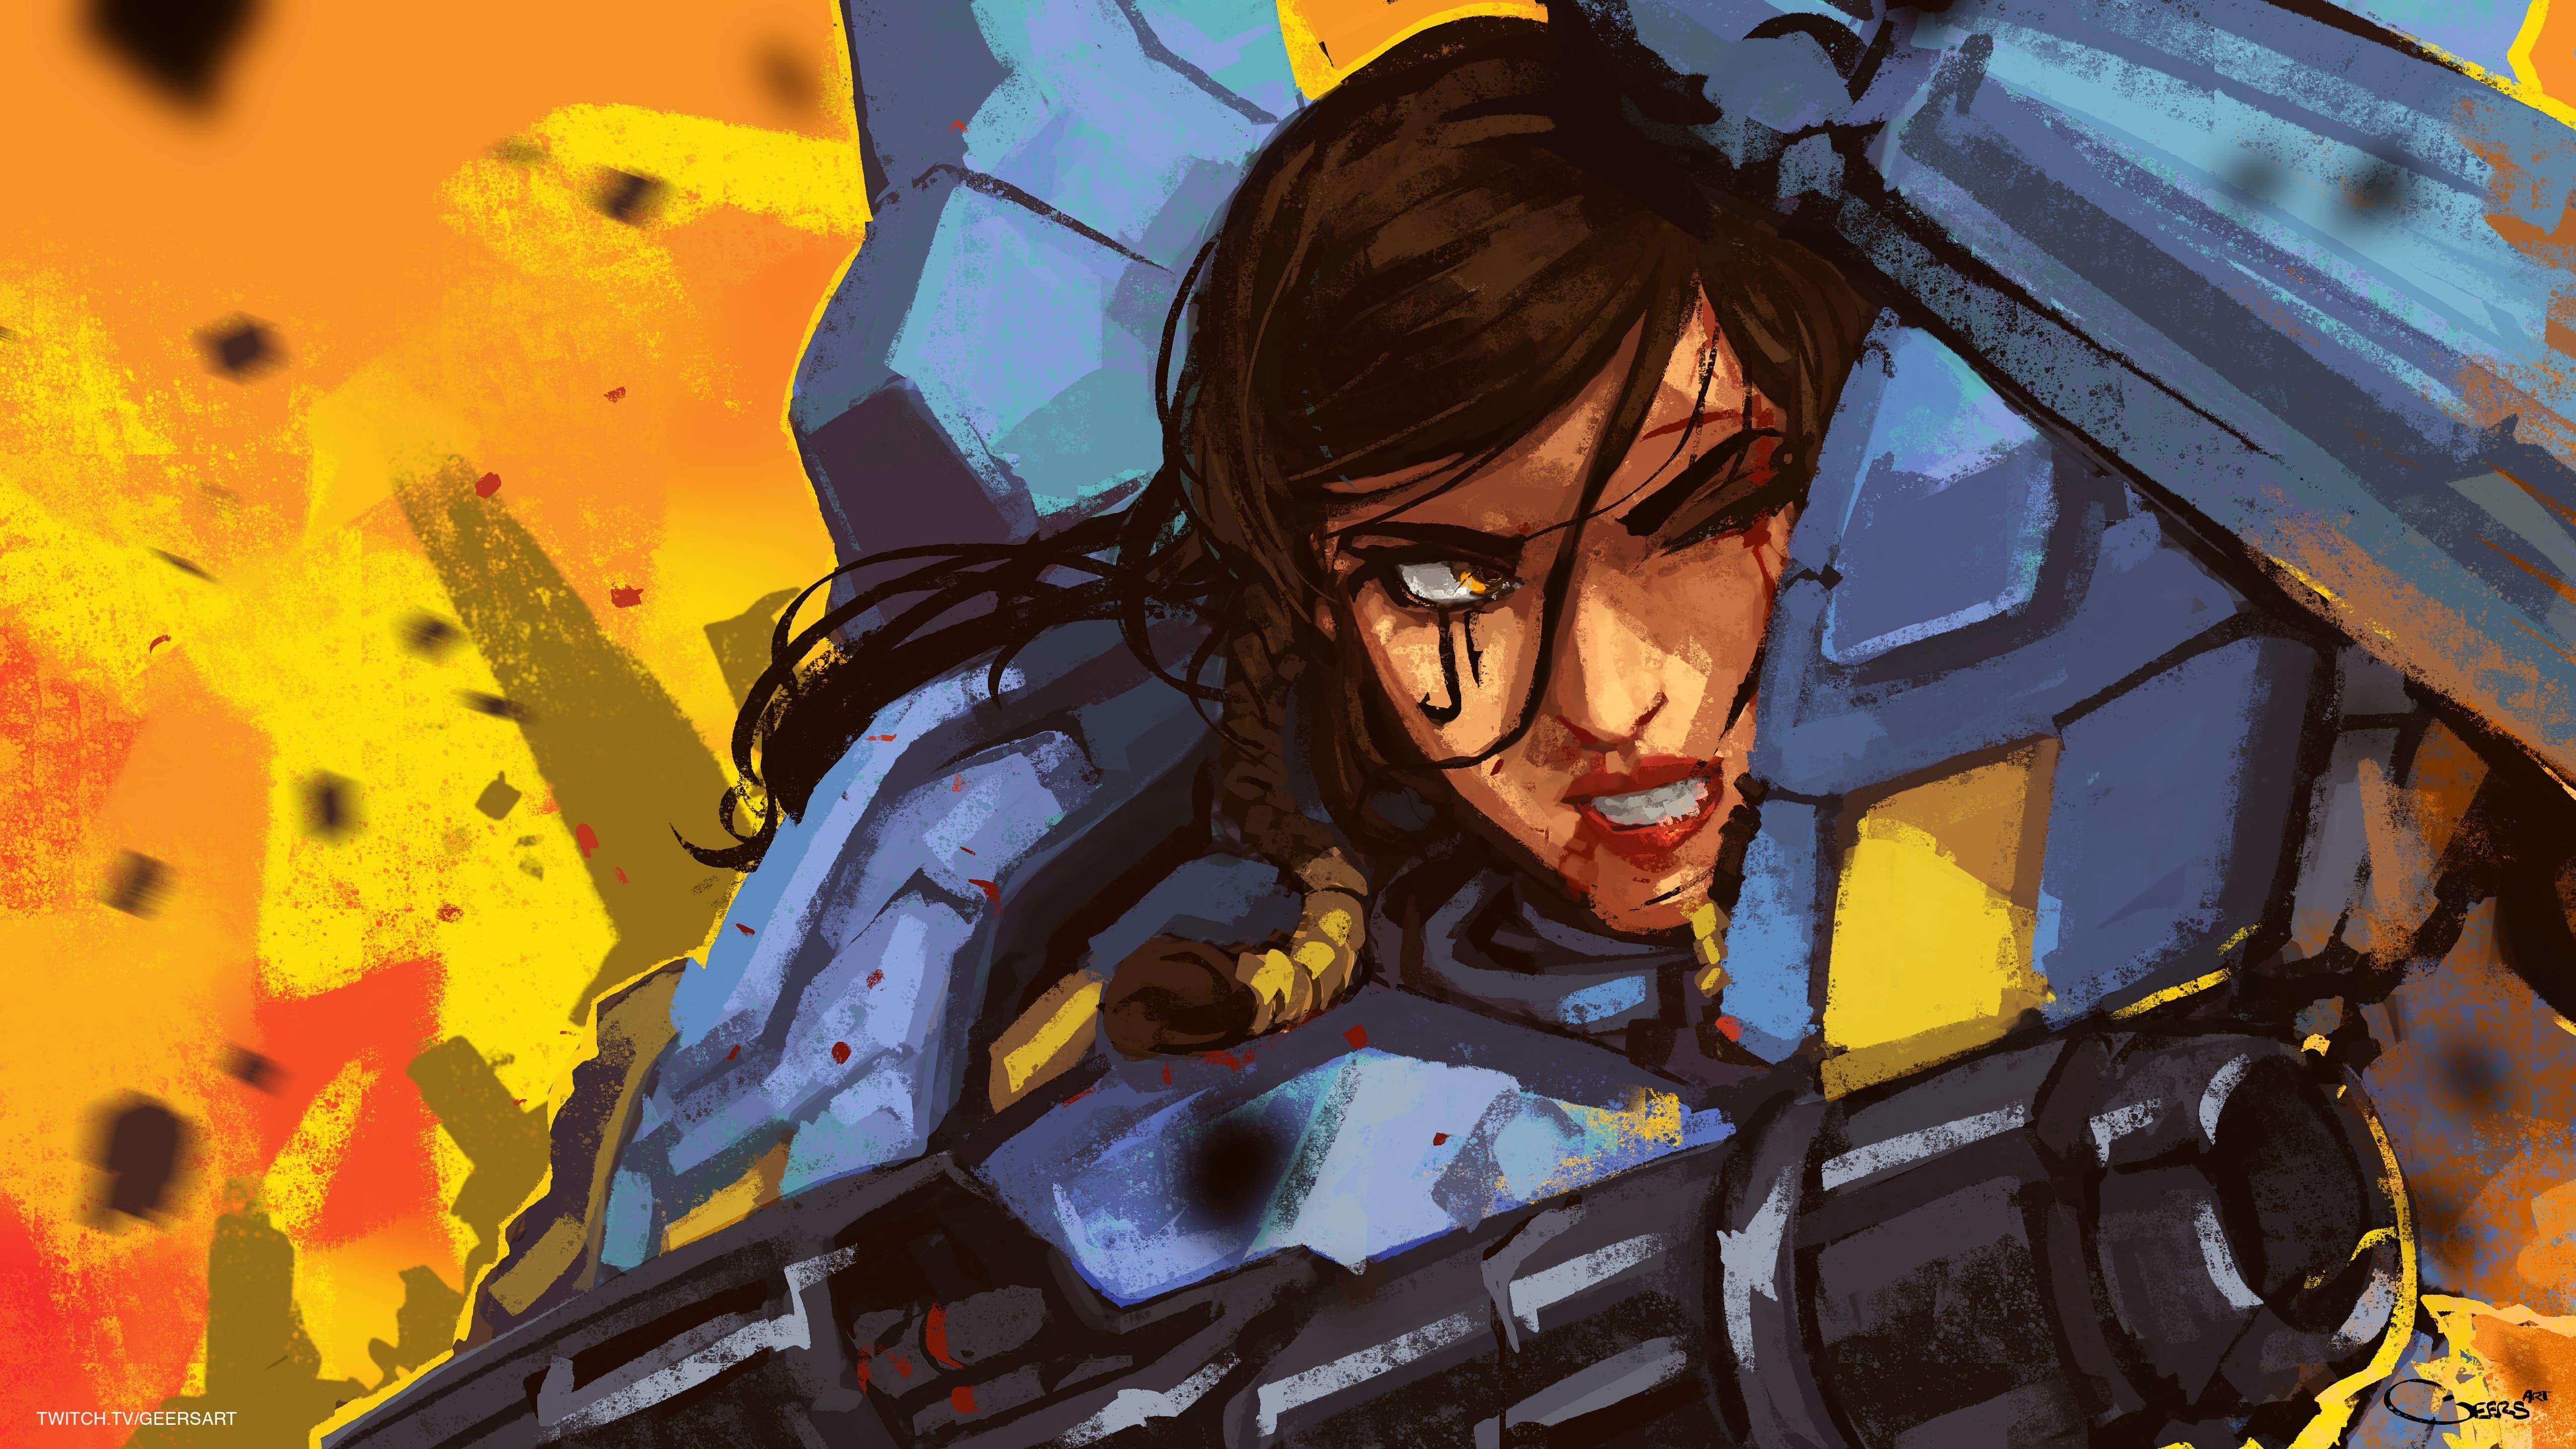 Overwatch : Pharah Widescreen for desktop